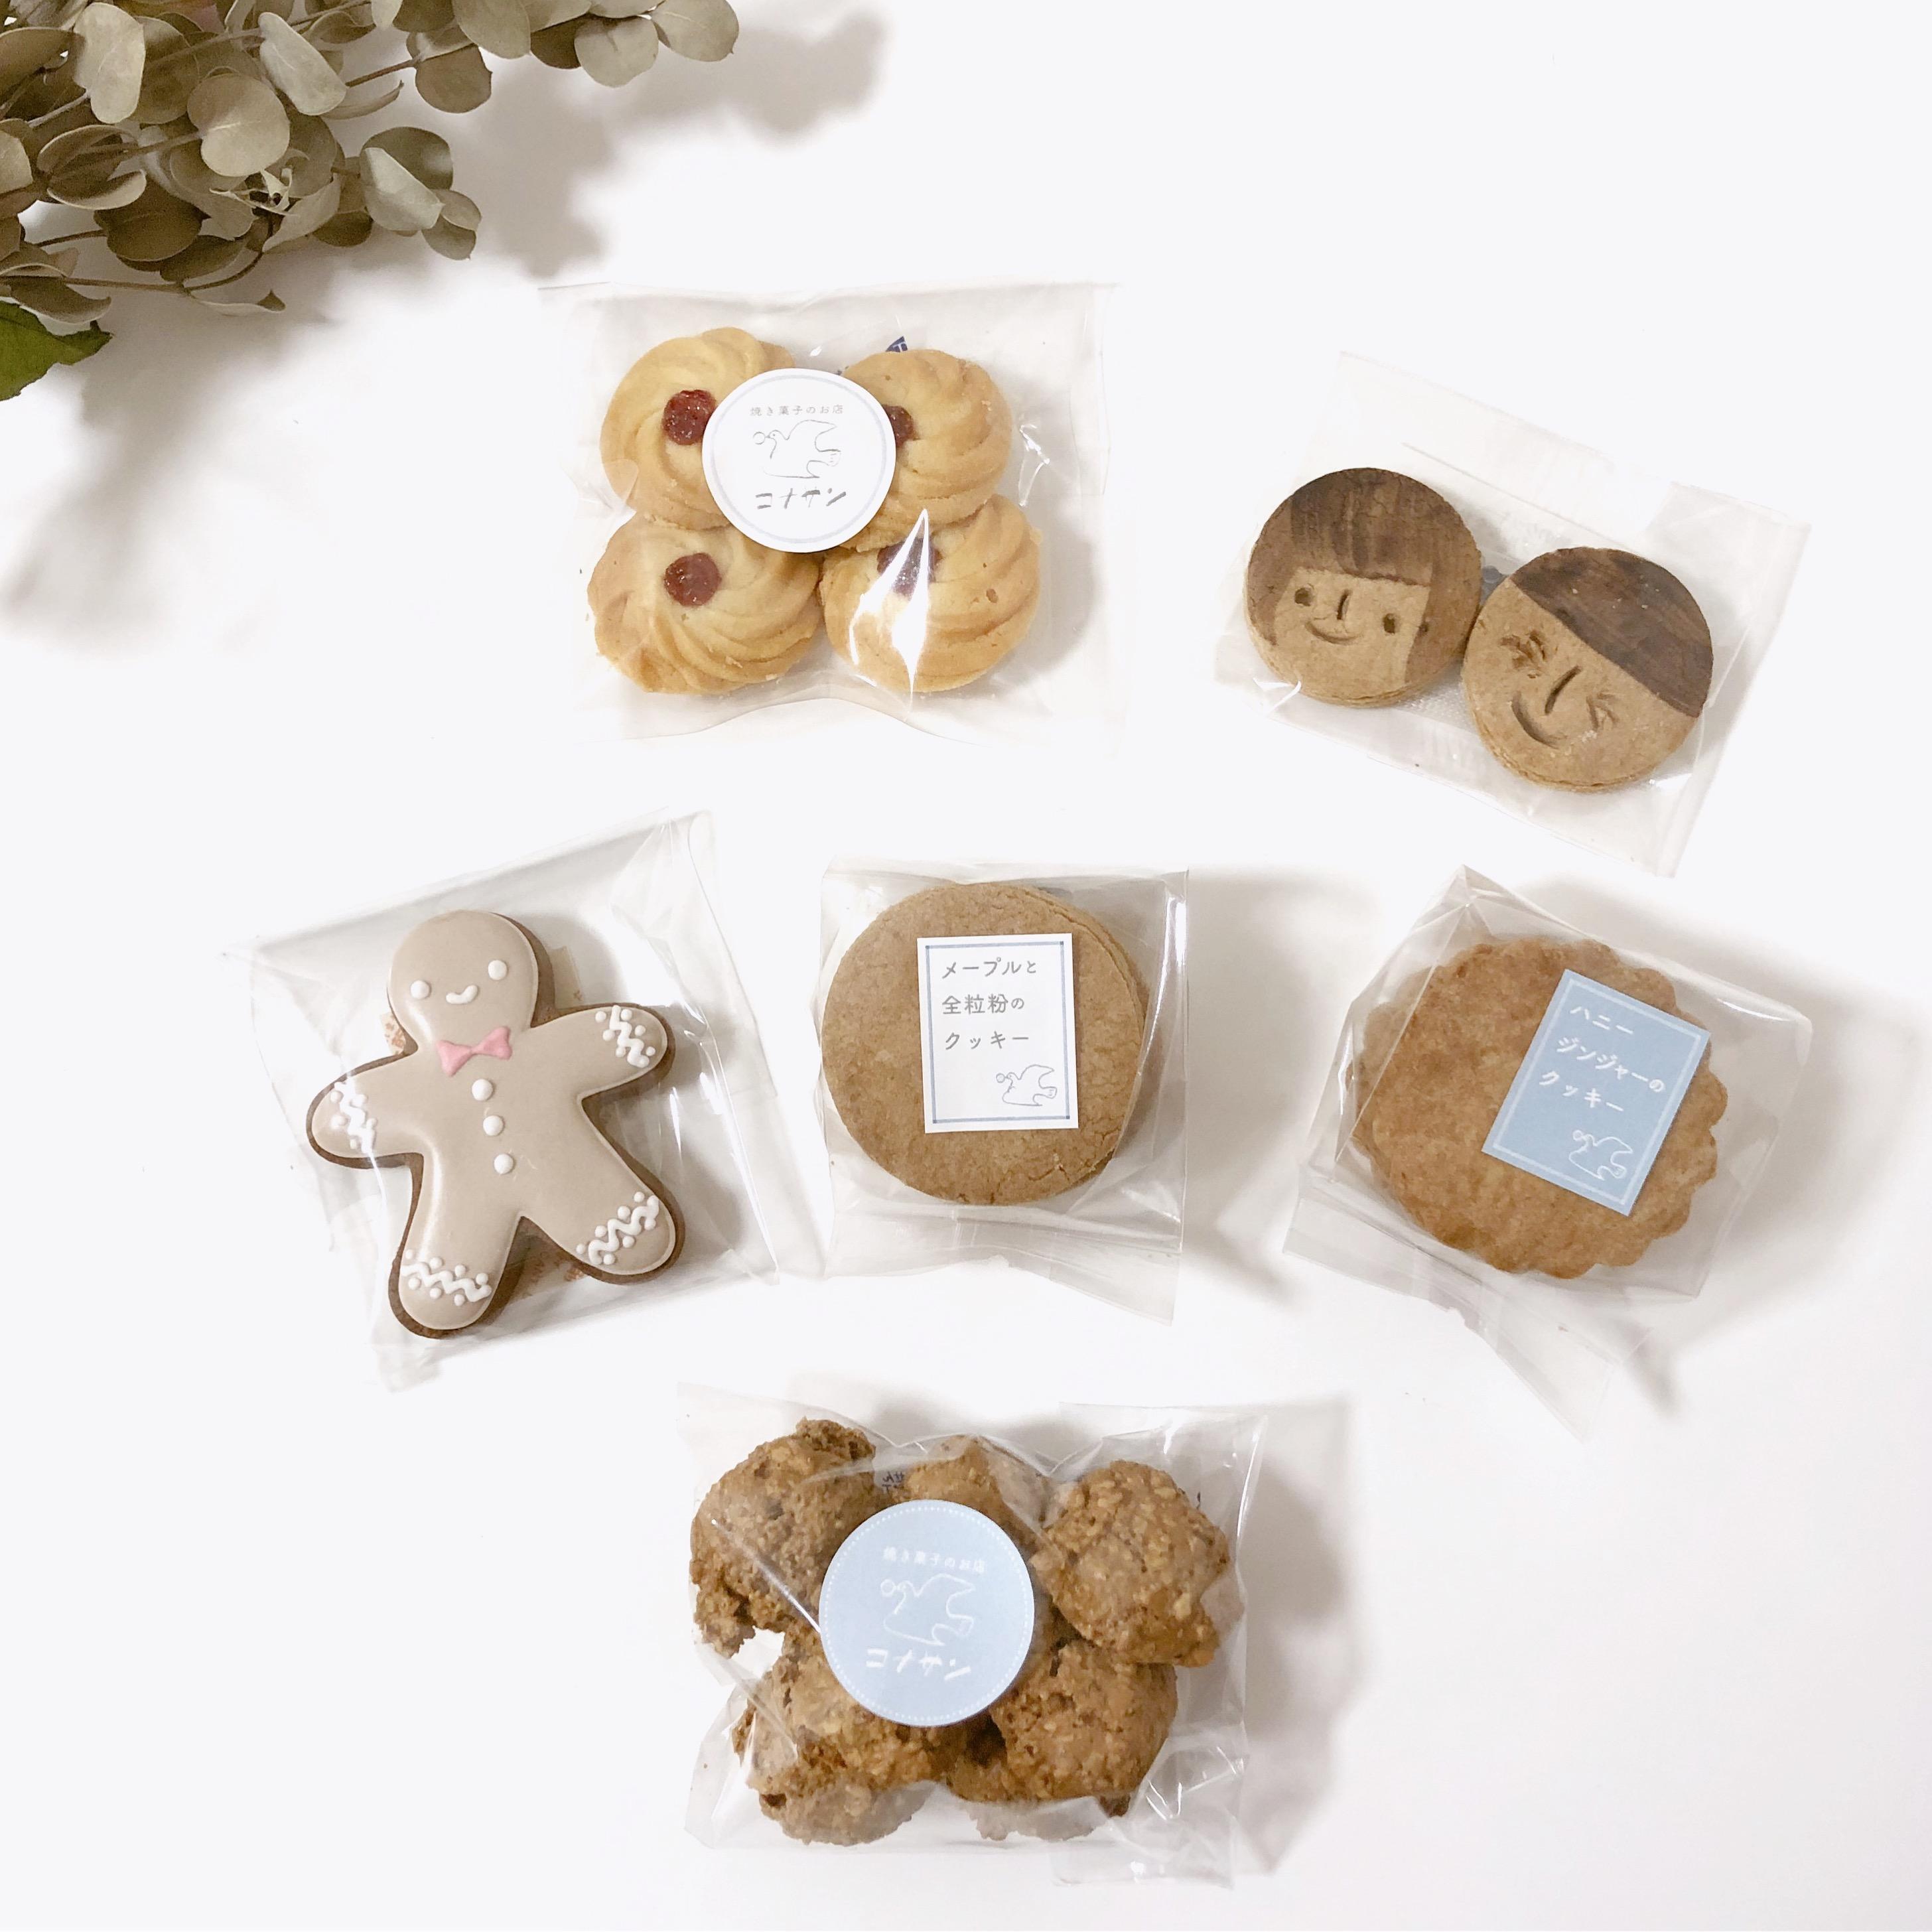 小さな焼き菓子屋さん 『 コナサン 』の素朴で優しいクッキーにほっこり♡ _7